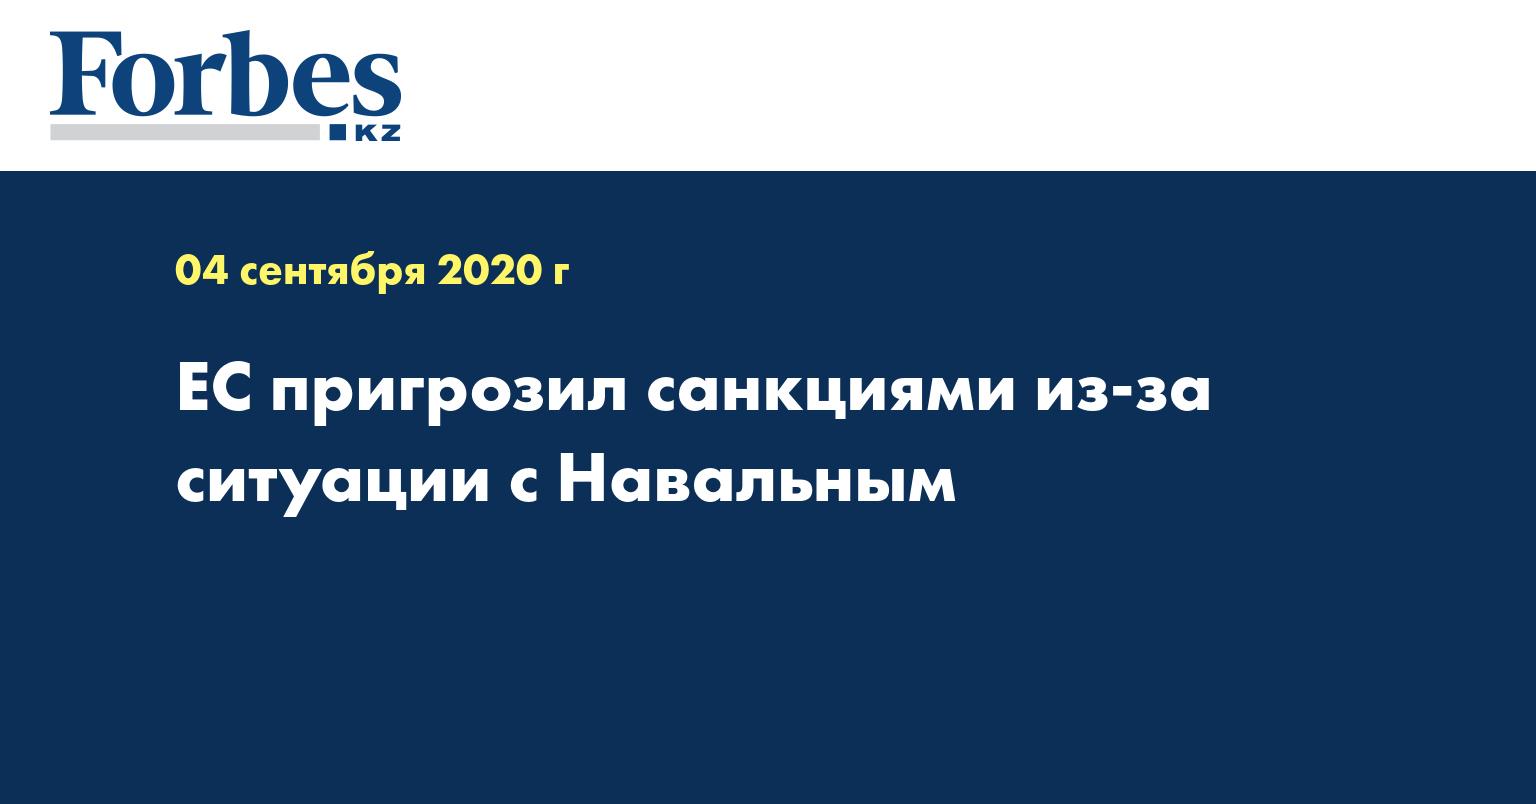 ЕС пригрозил санкциями из-за ситуации с Навальным